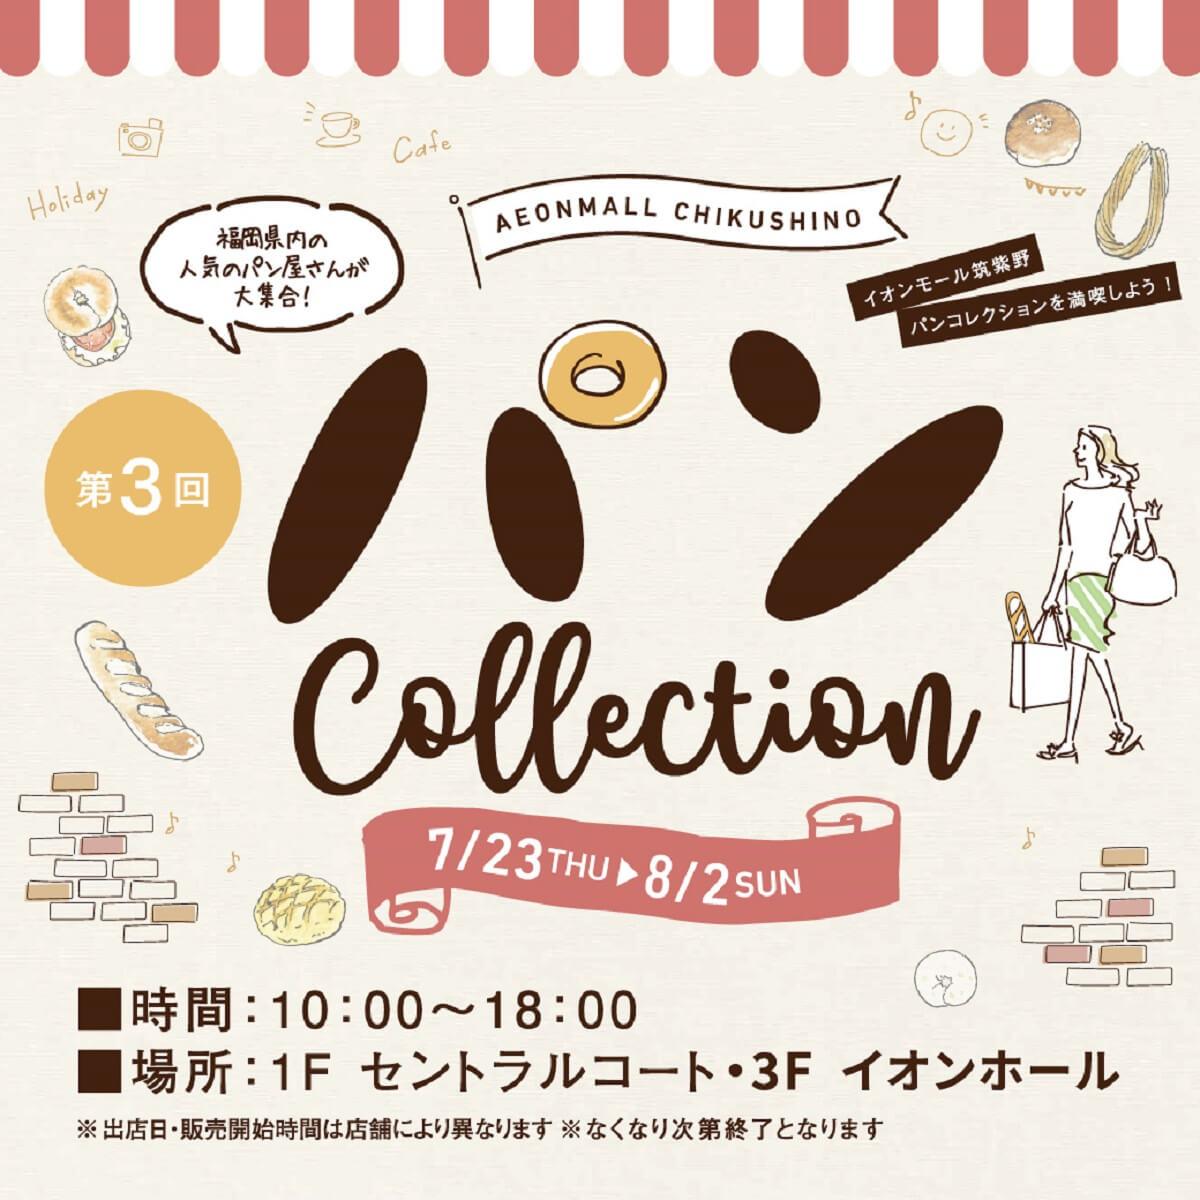 第3回パンCollection【筑紫野イオン】福岡県内の人気パン屋さんが大集合